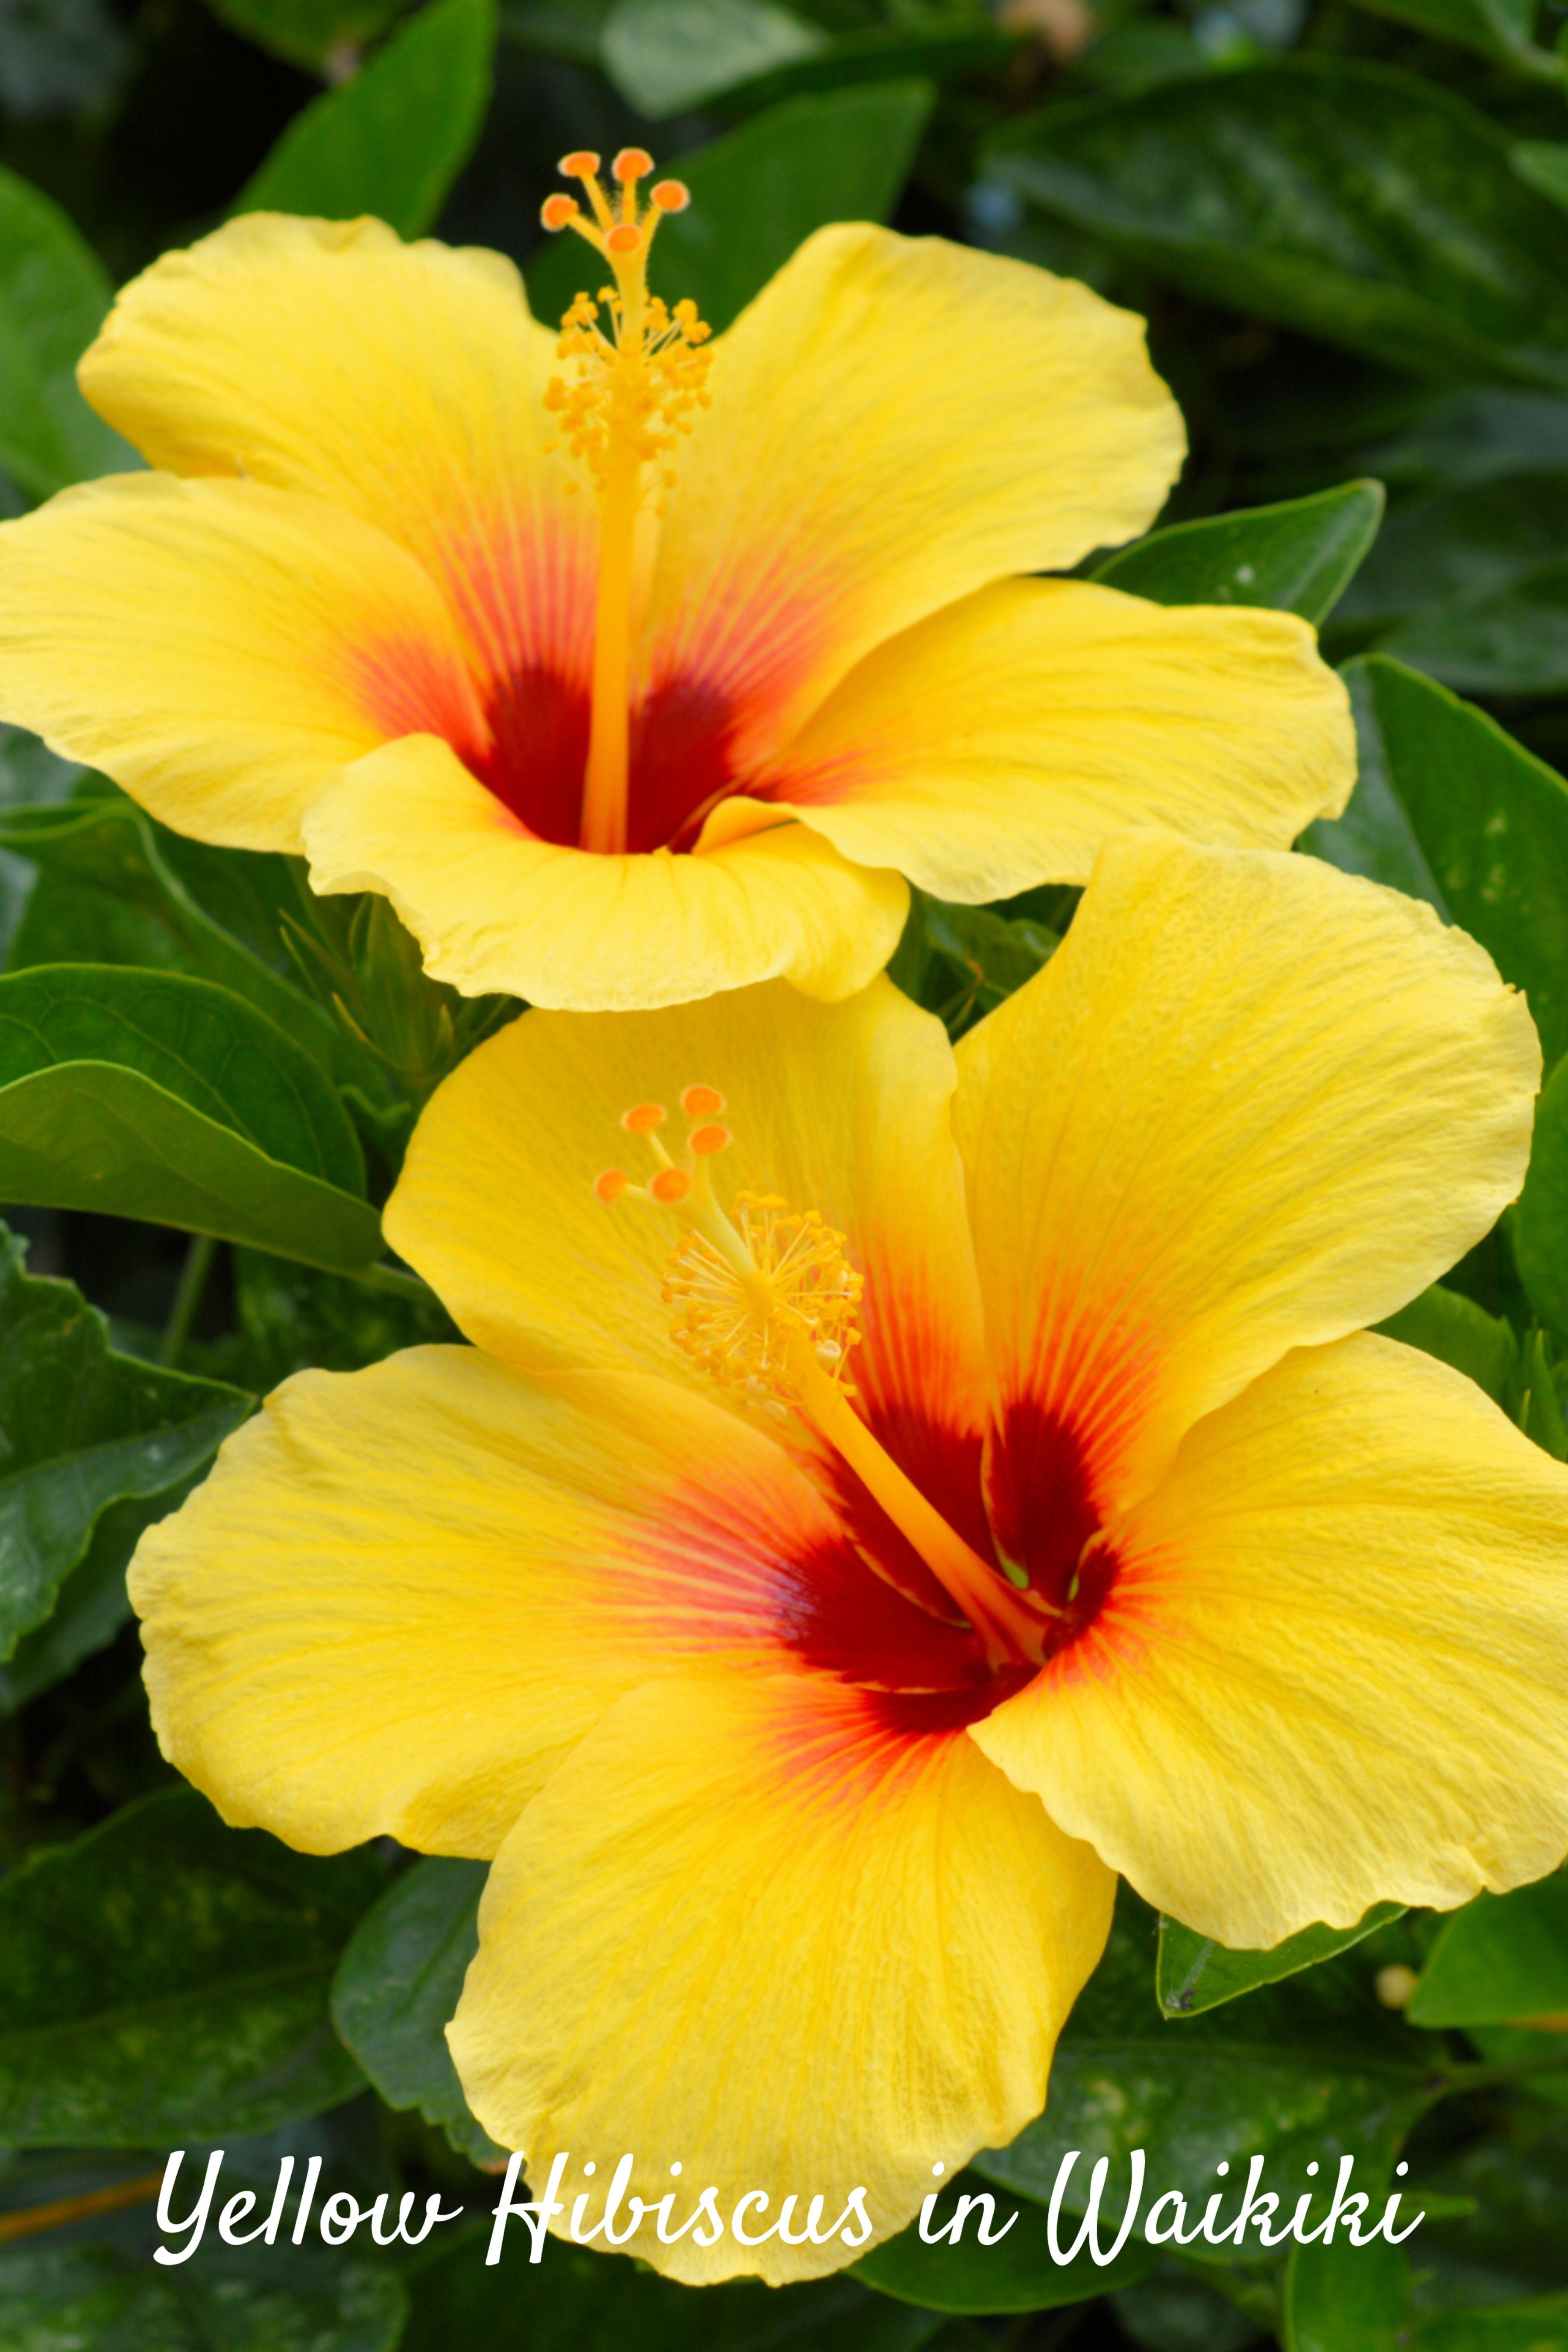 Waikiki Yellow Hibiscus Flowers Hibiscus Plant Yellow Hibiscus Hibiscus Flowers